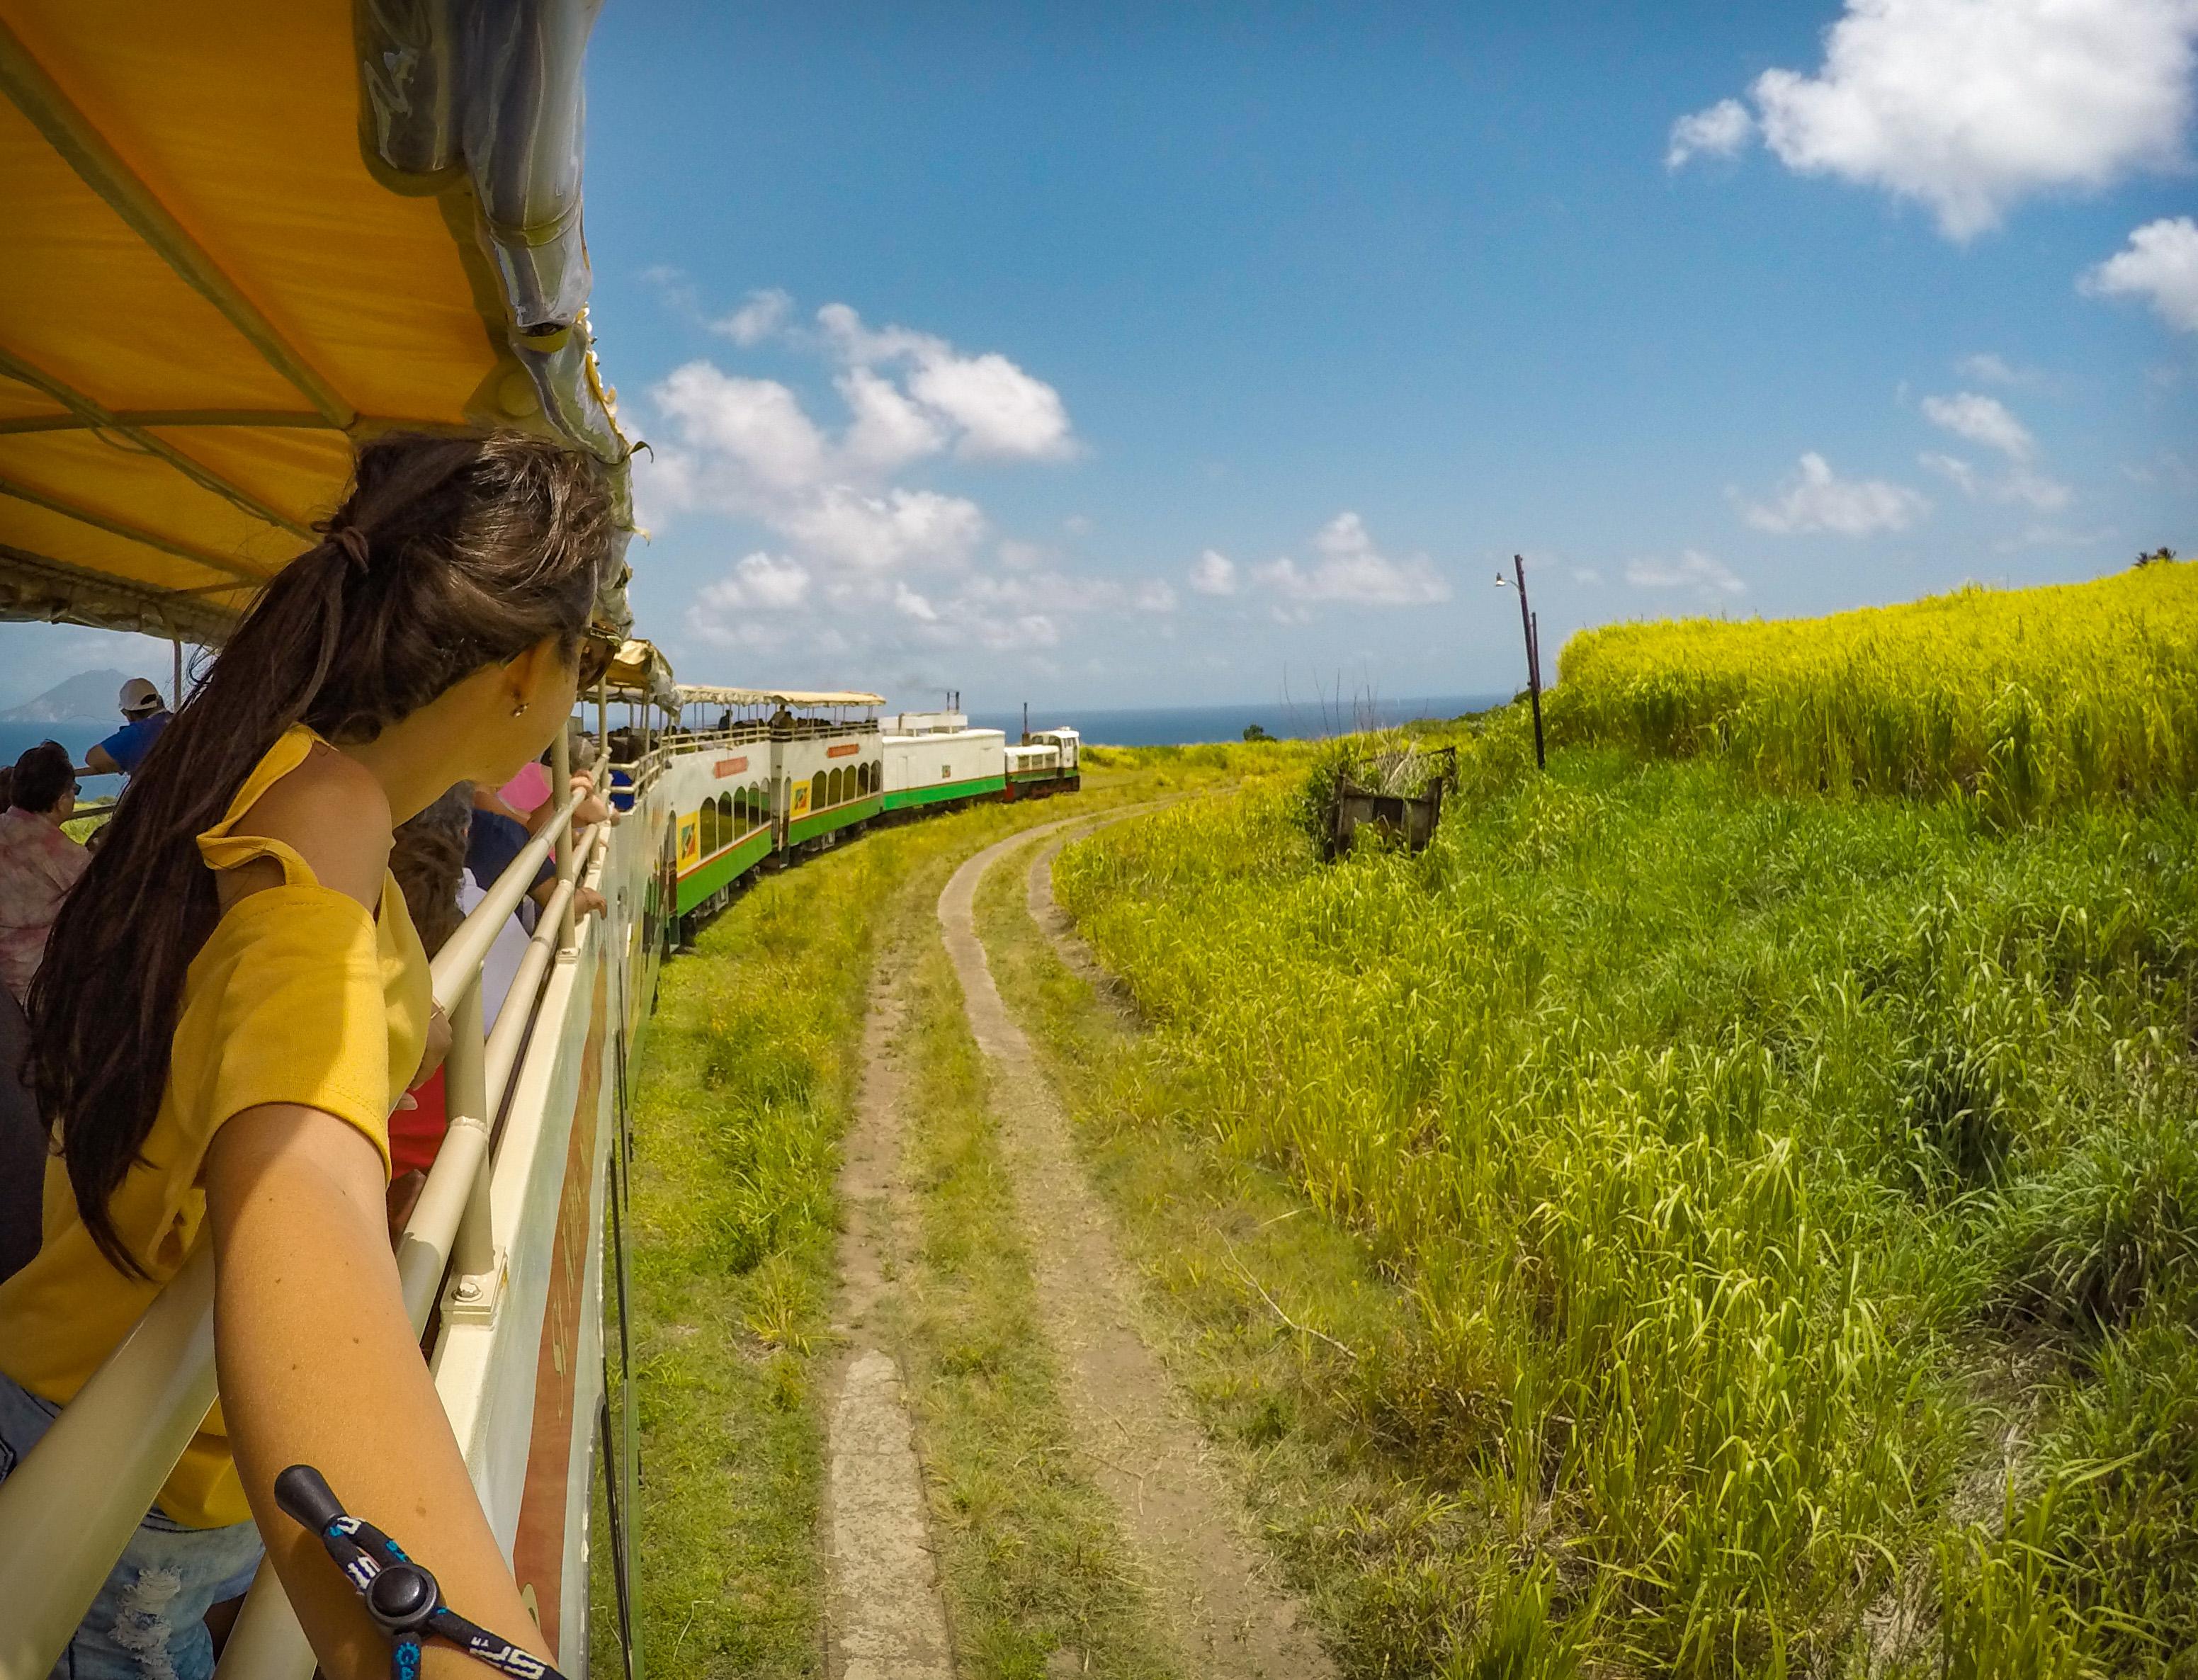 St. Kitts Scenic Railway passeio de trem